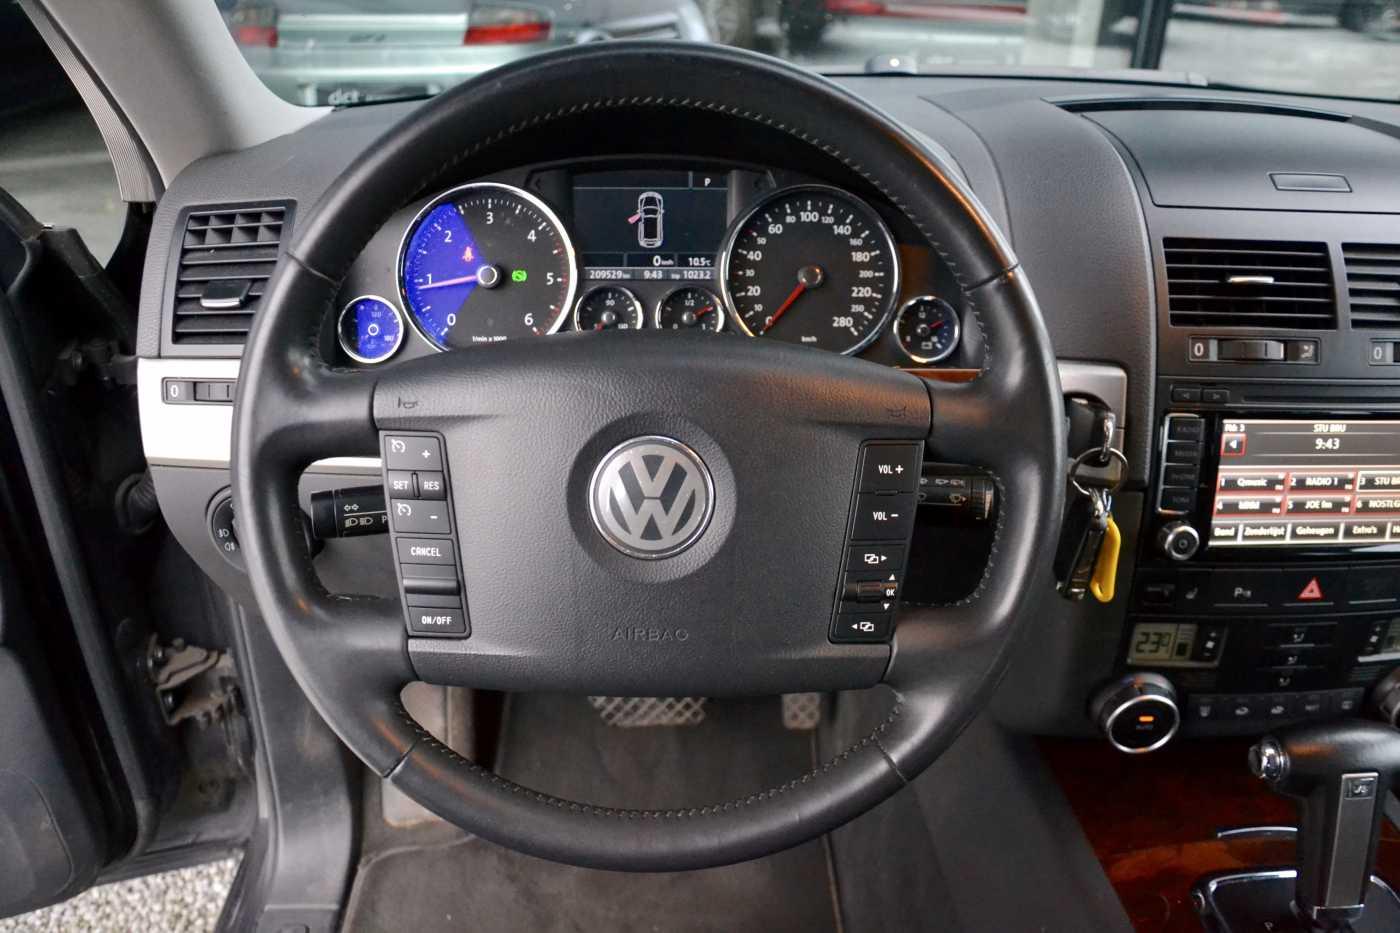 Volkswagen Touareg Mark 1 (2003 - 2009) 3.0 CR TDi V6 DPF Tiptronic Leder Towbar